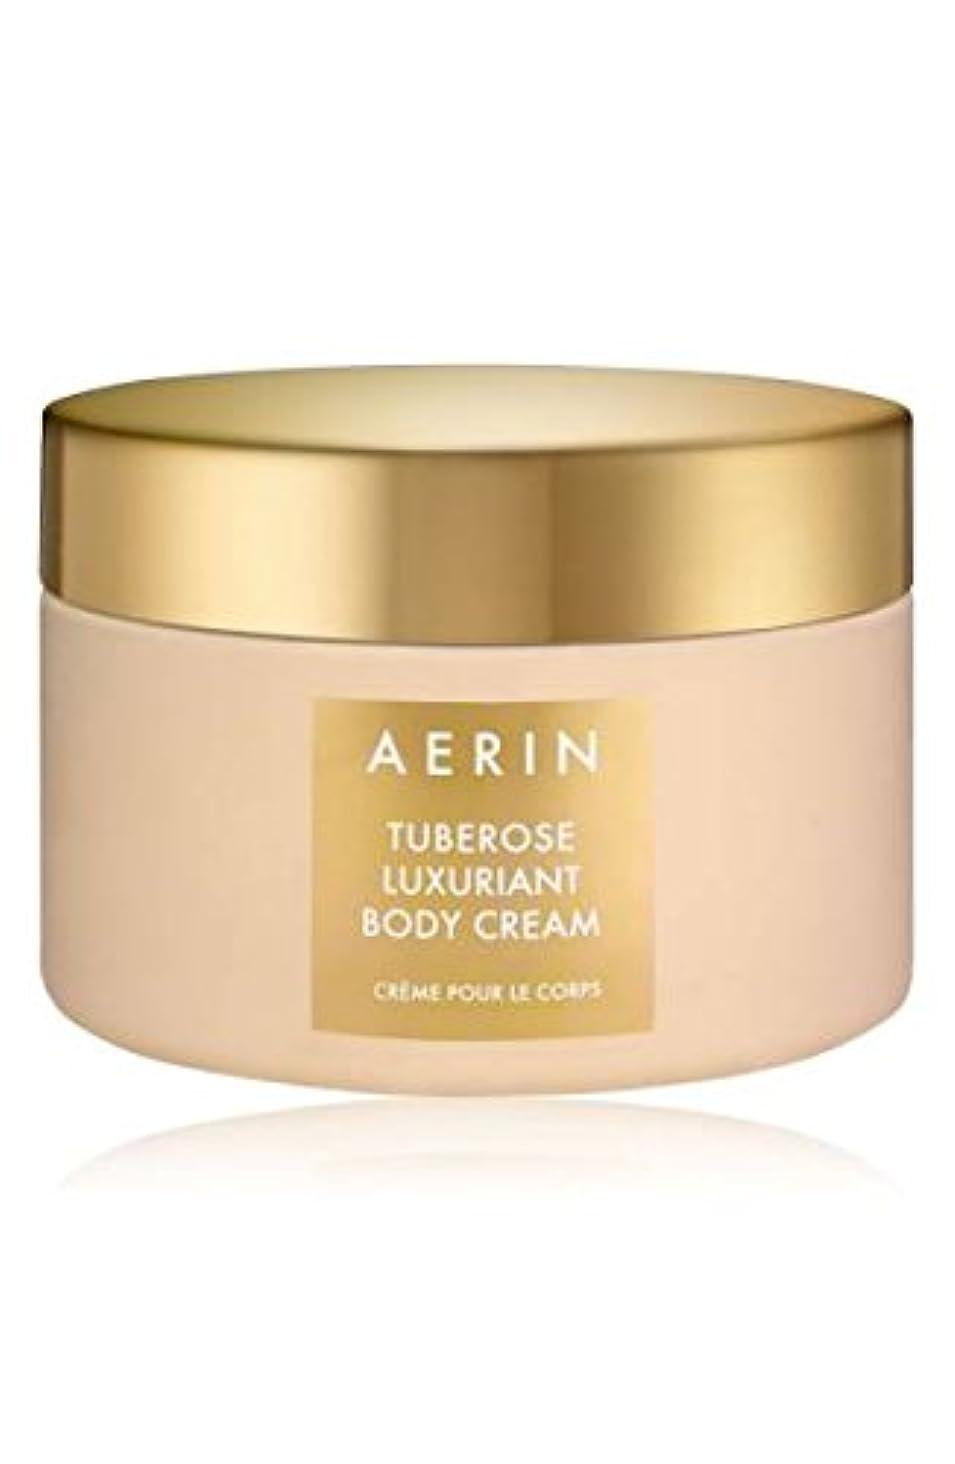 天才経験無実AERIN Tuberose Luxuriant Body Cream (アエリン チュベローズ ラグジュアリアント ボディー クリーム) 6.5 oz 195ml) by Estee Lauder for Women